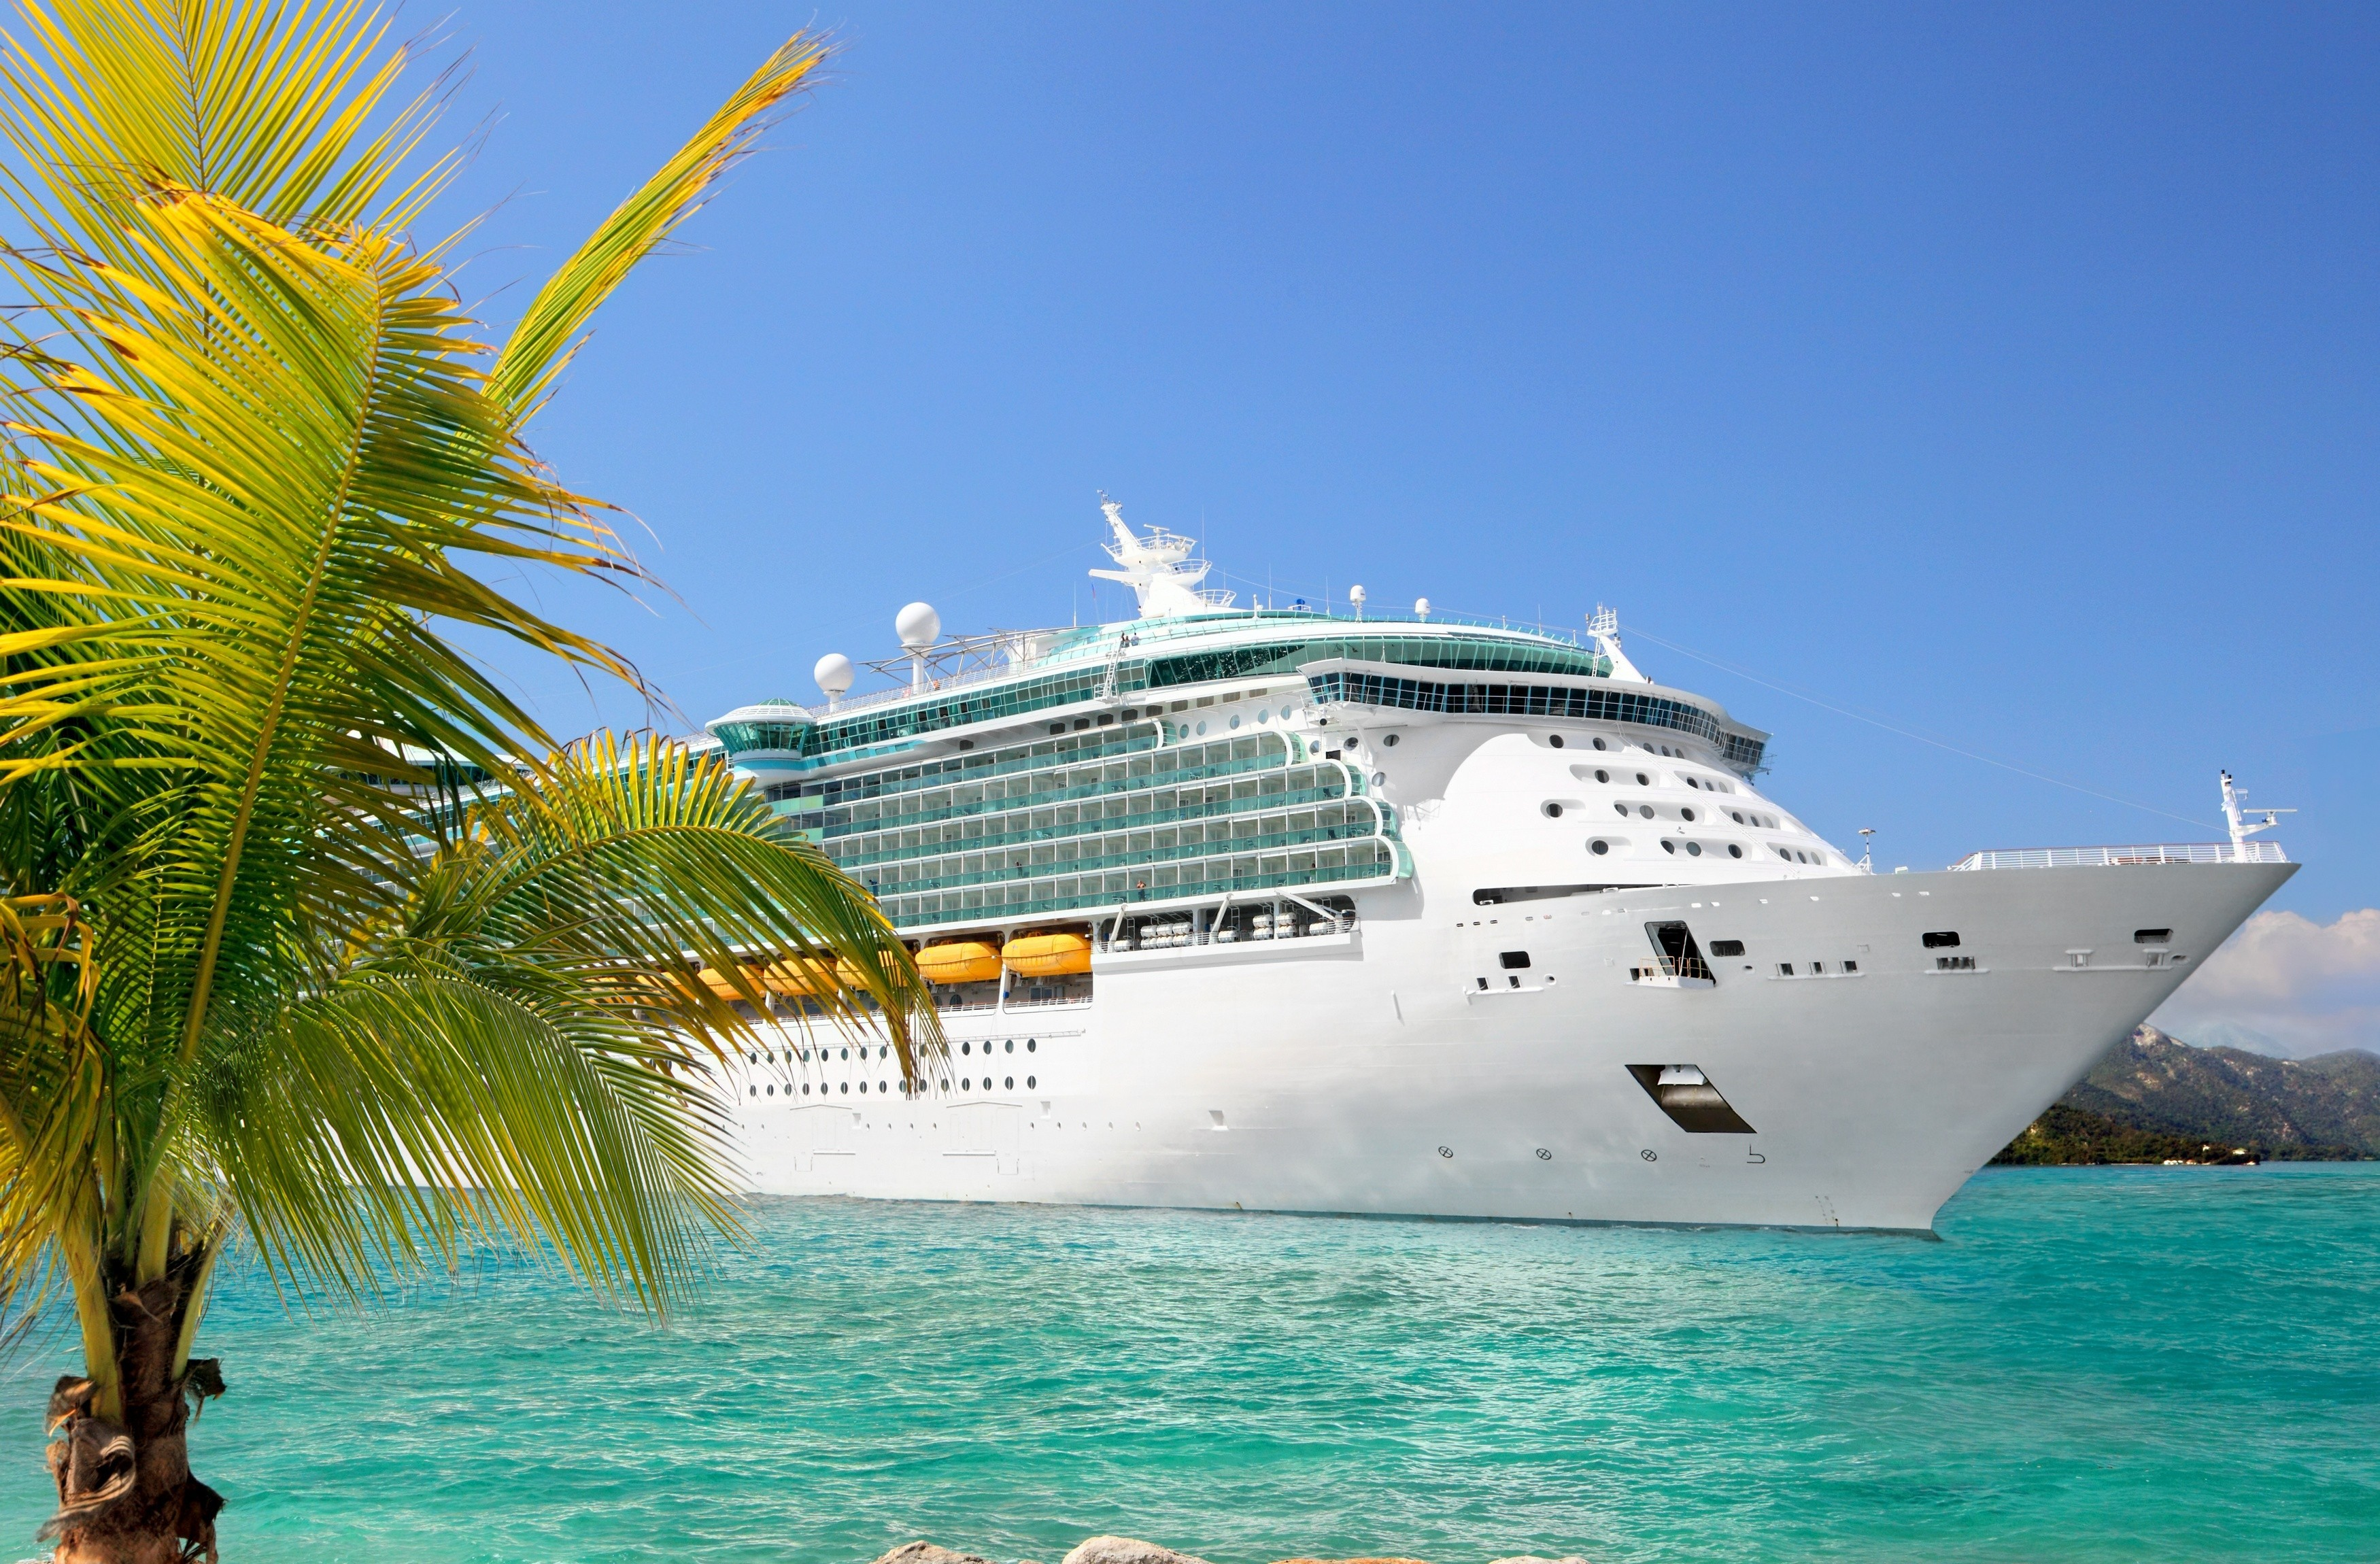 Cruise Tour - Ace Charters Vancouver Tour - Vancouver Tours